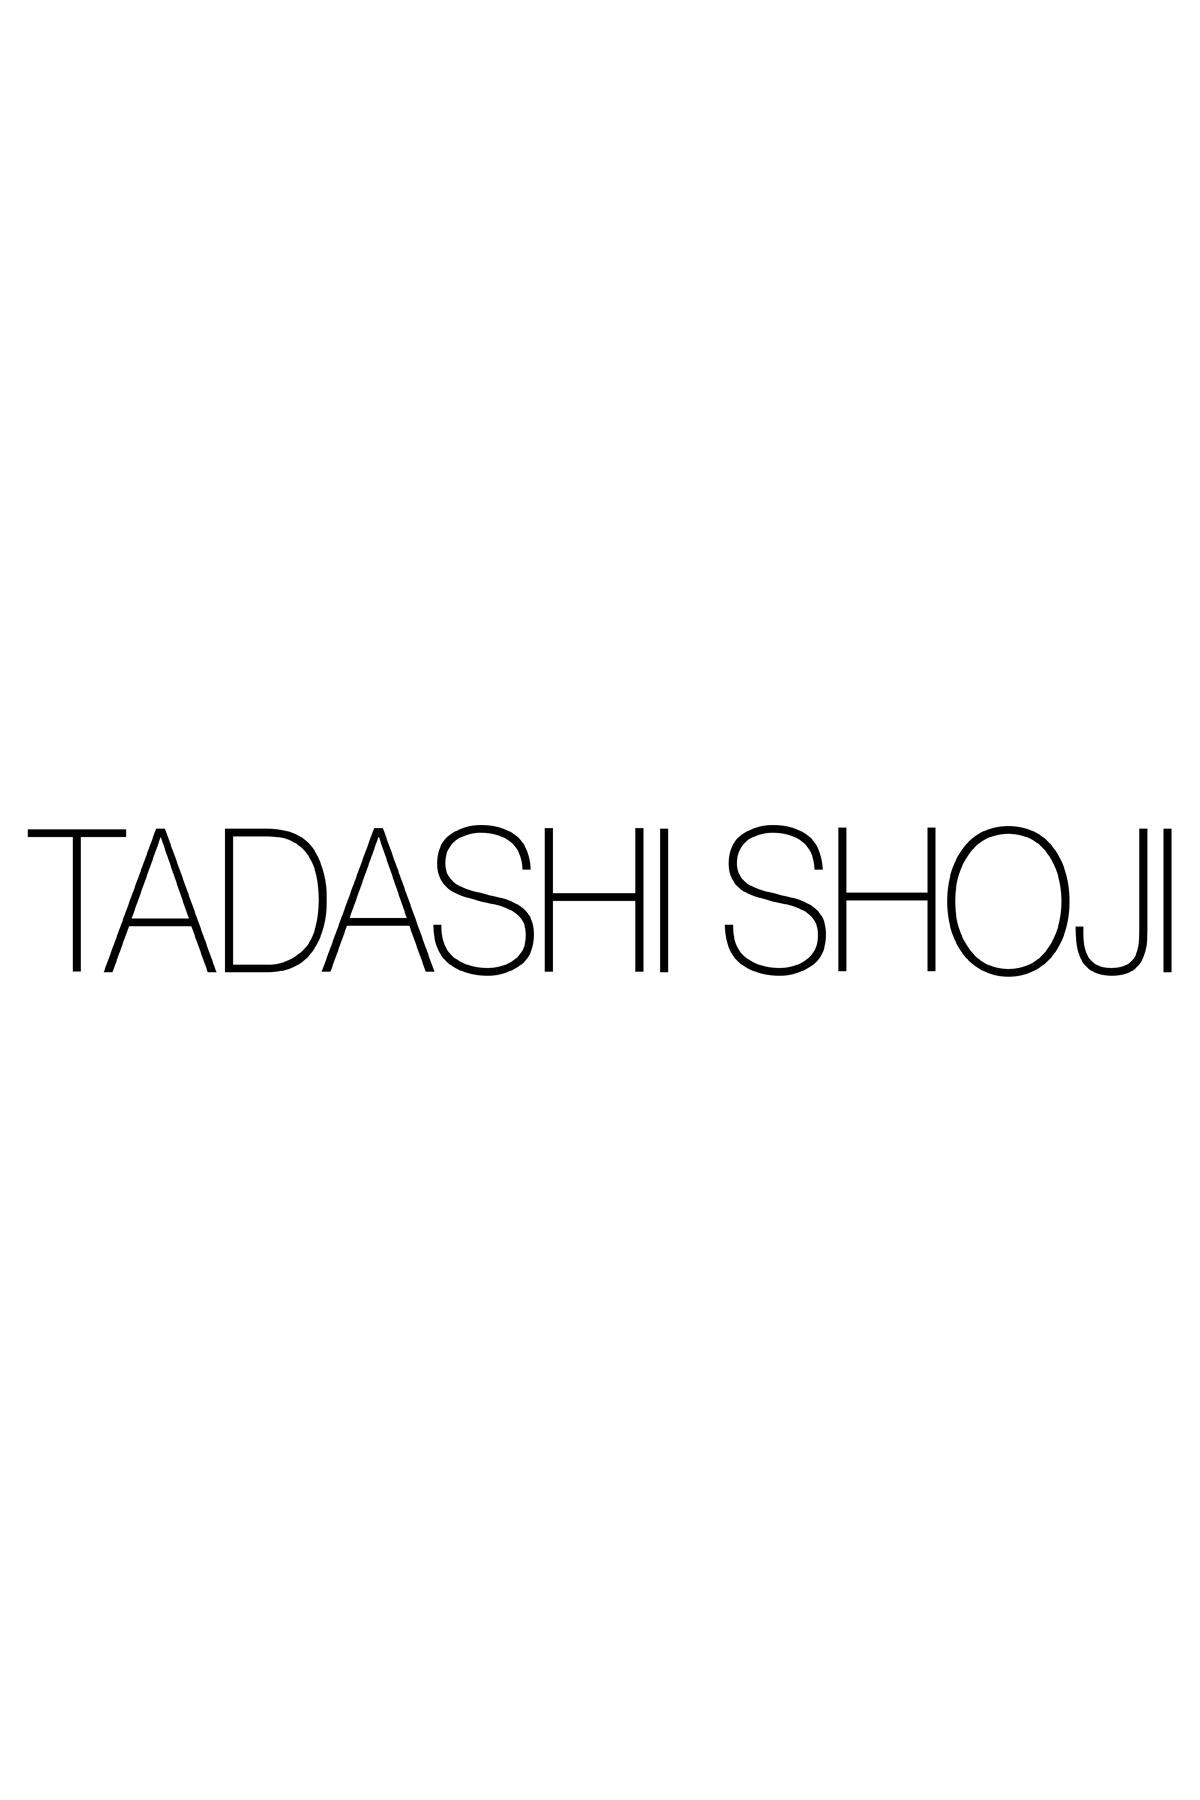 Tadashi Shoji - Steppe Dress - Detail